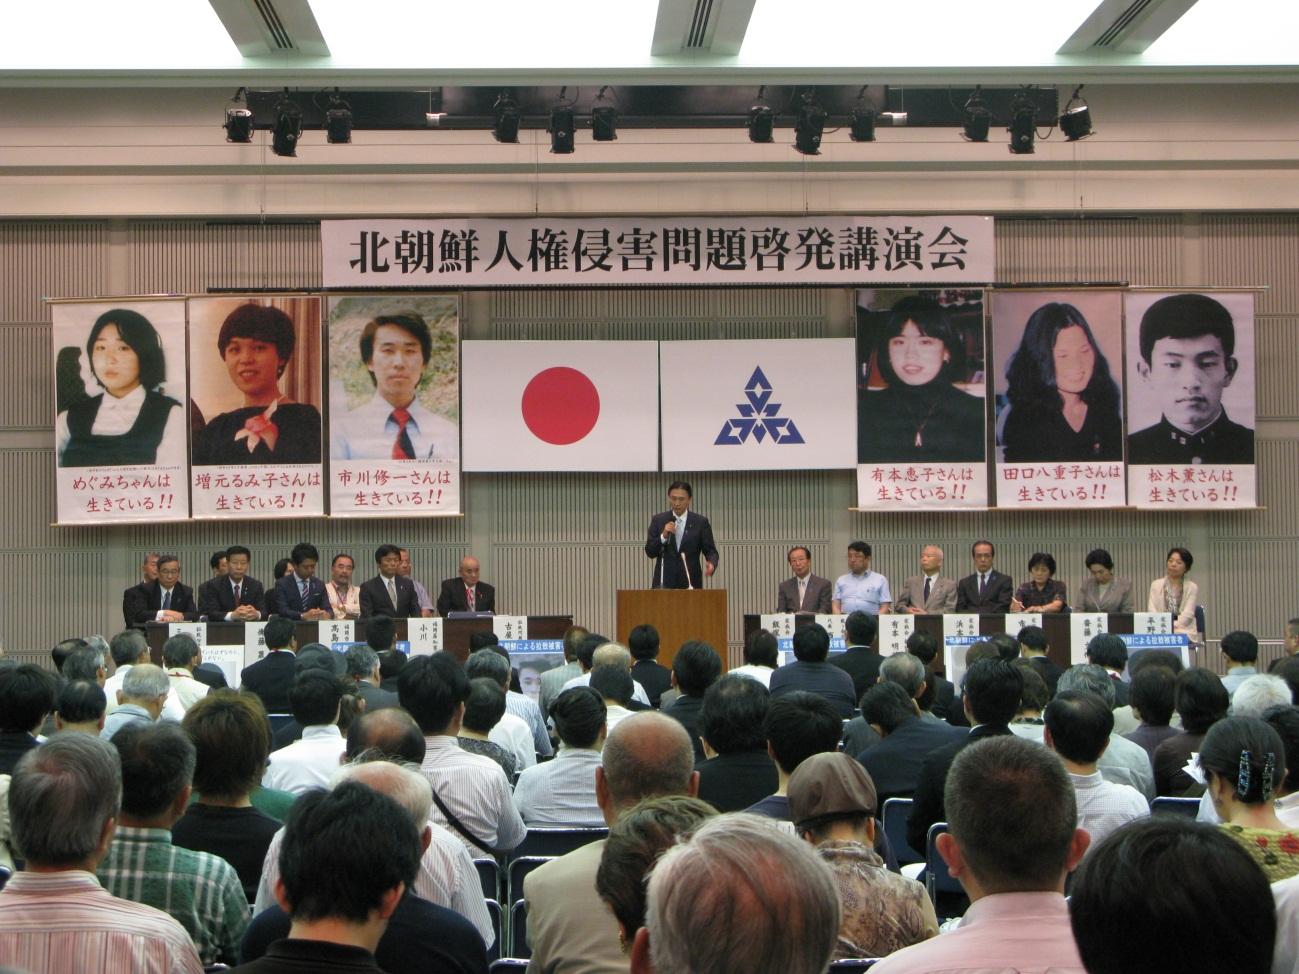 古屋拉致問題担当大臣が福岡市にて「北朝鮮人権侵害問題啓発集会」に出席しました。 ニュース 日本国政府:北朝鮮による日本人拉致問題